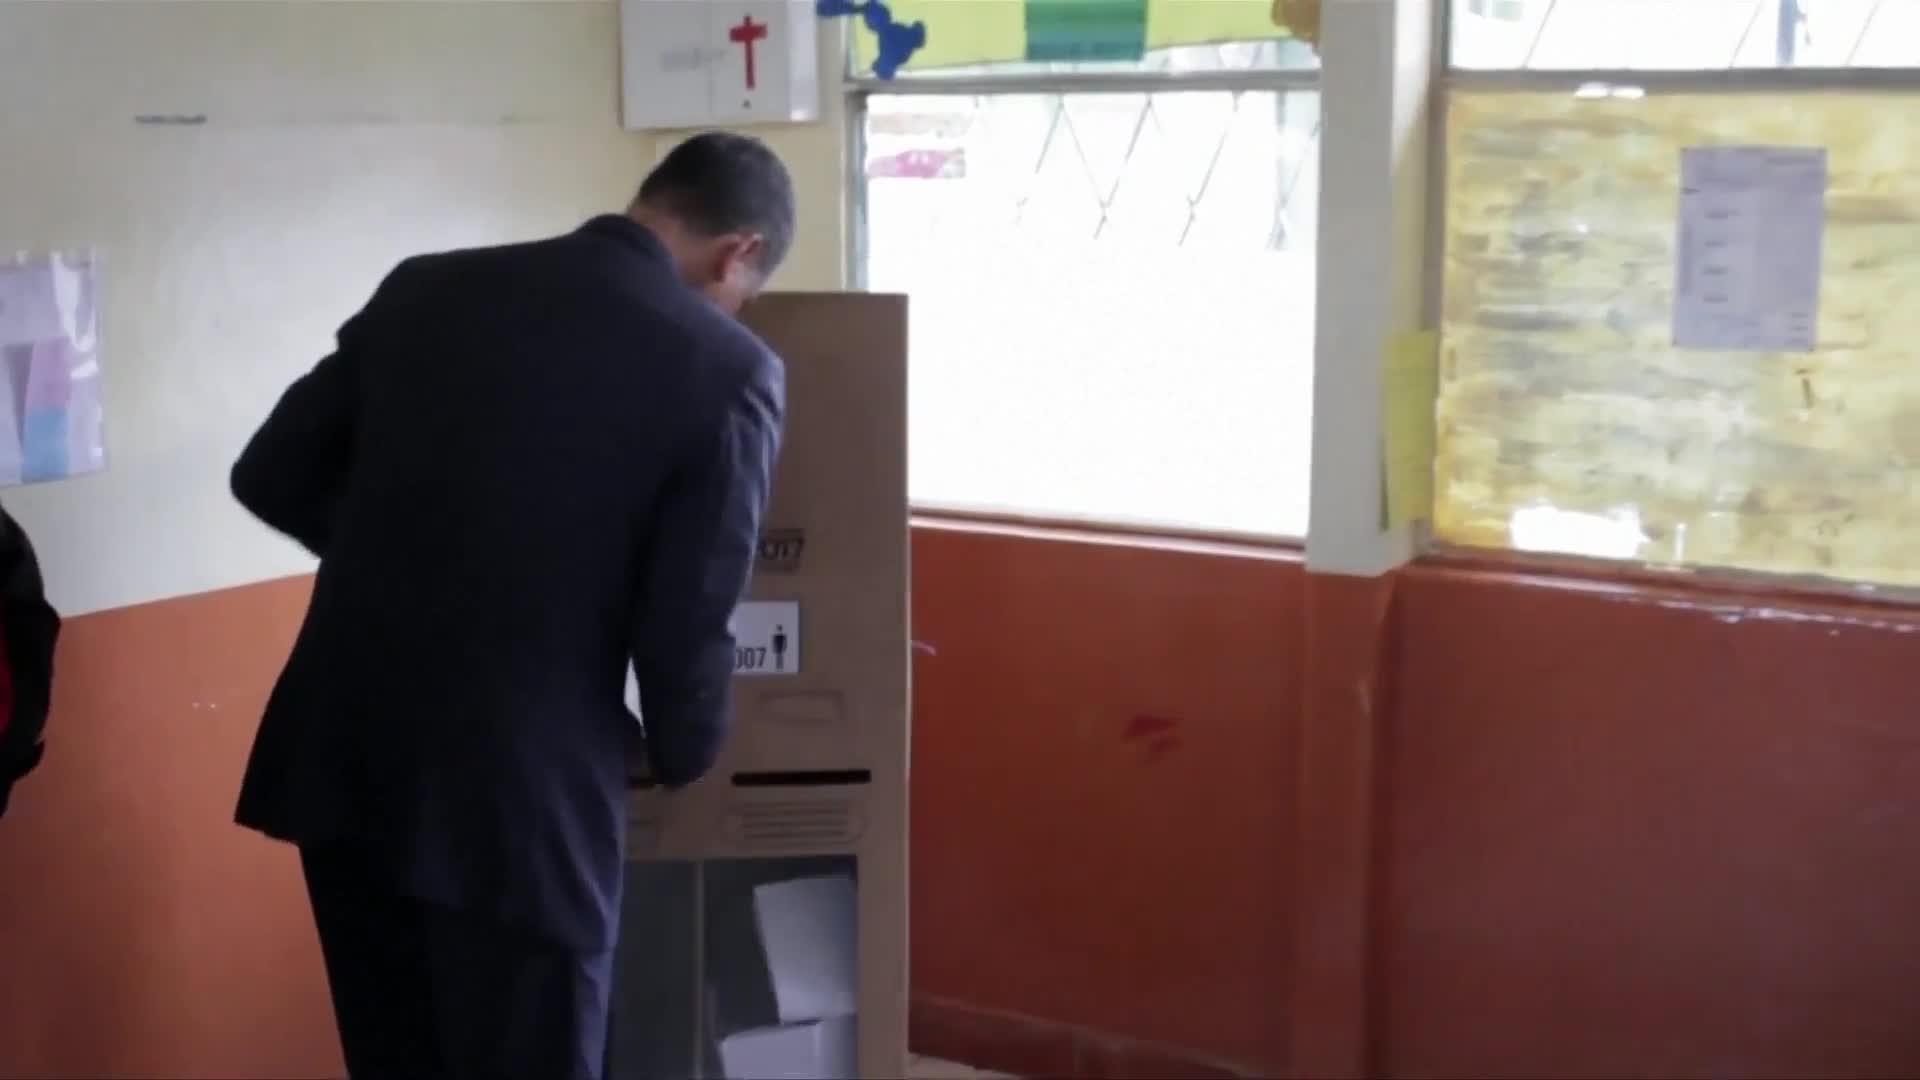 Outgoing President Correa votes in Ecuador's election